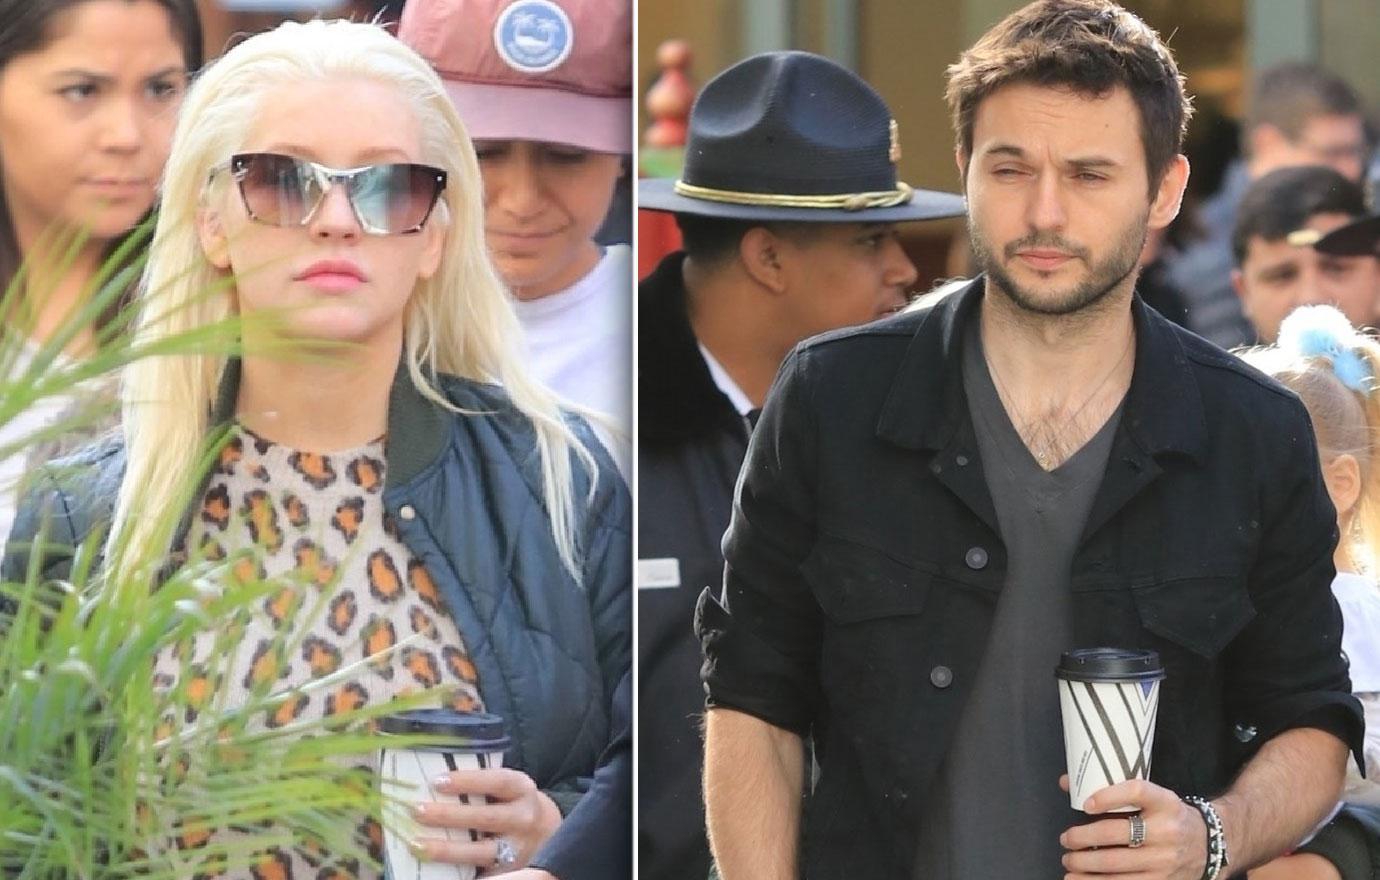 Christina Aguilera And Fiance Matthew Rutler Take Kids To Mall